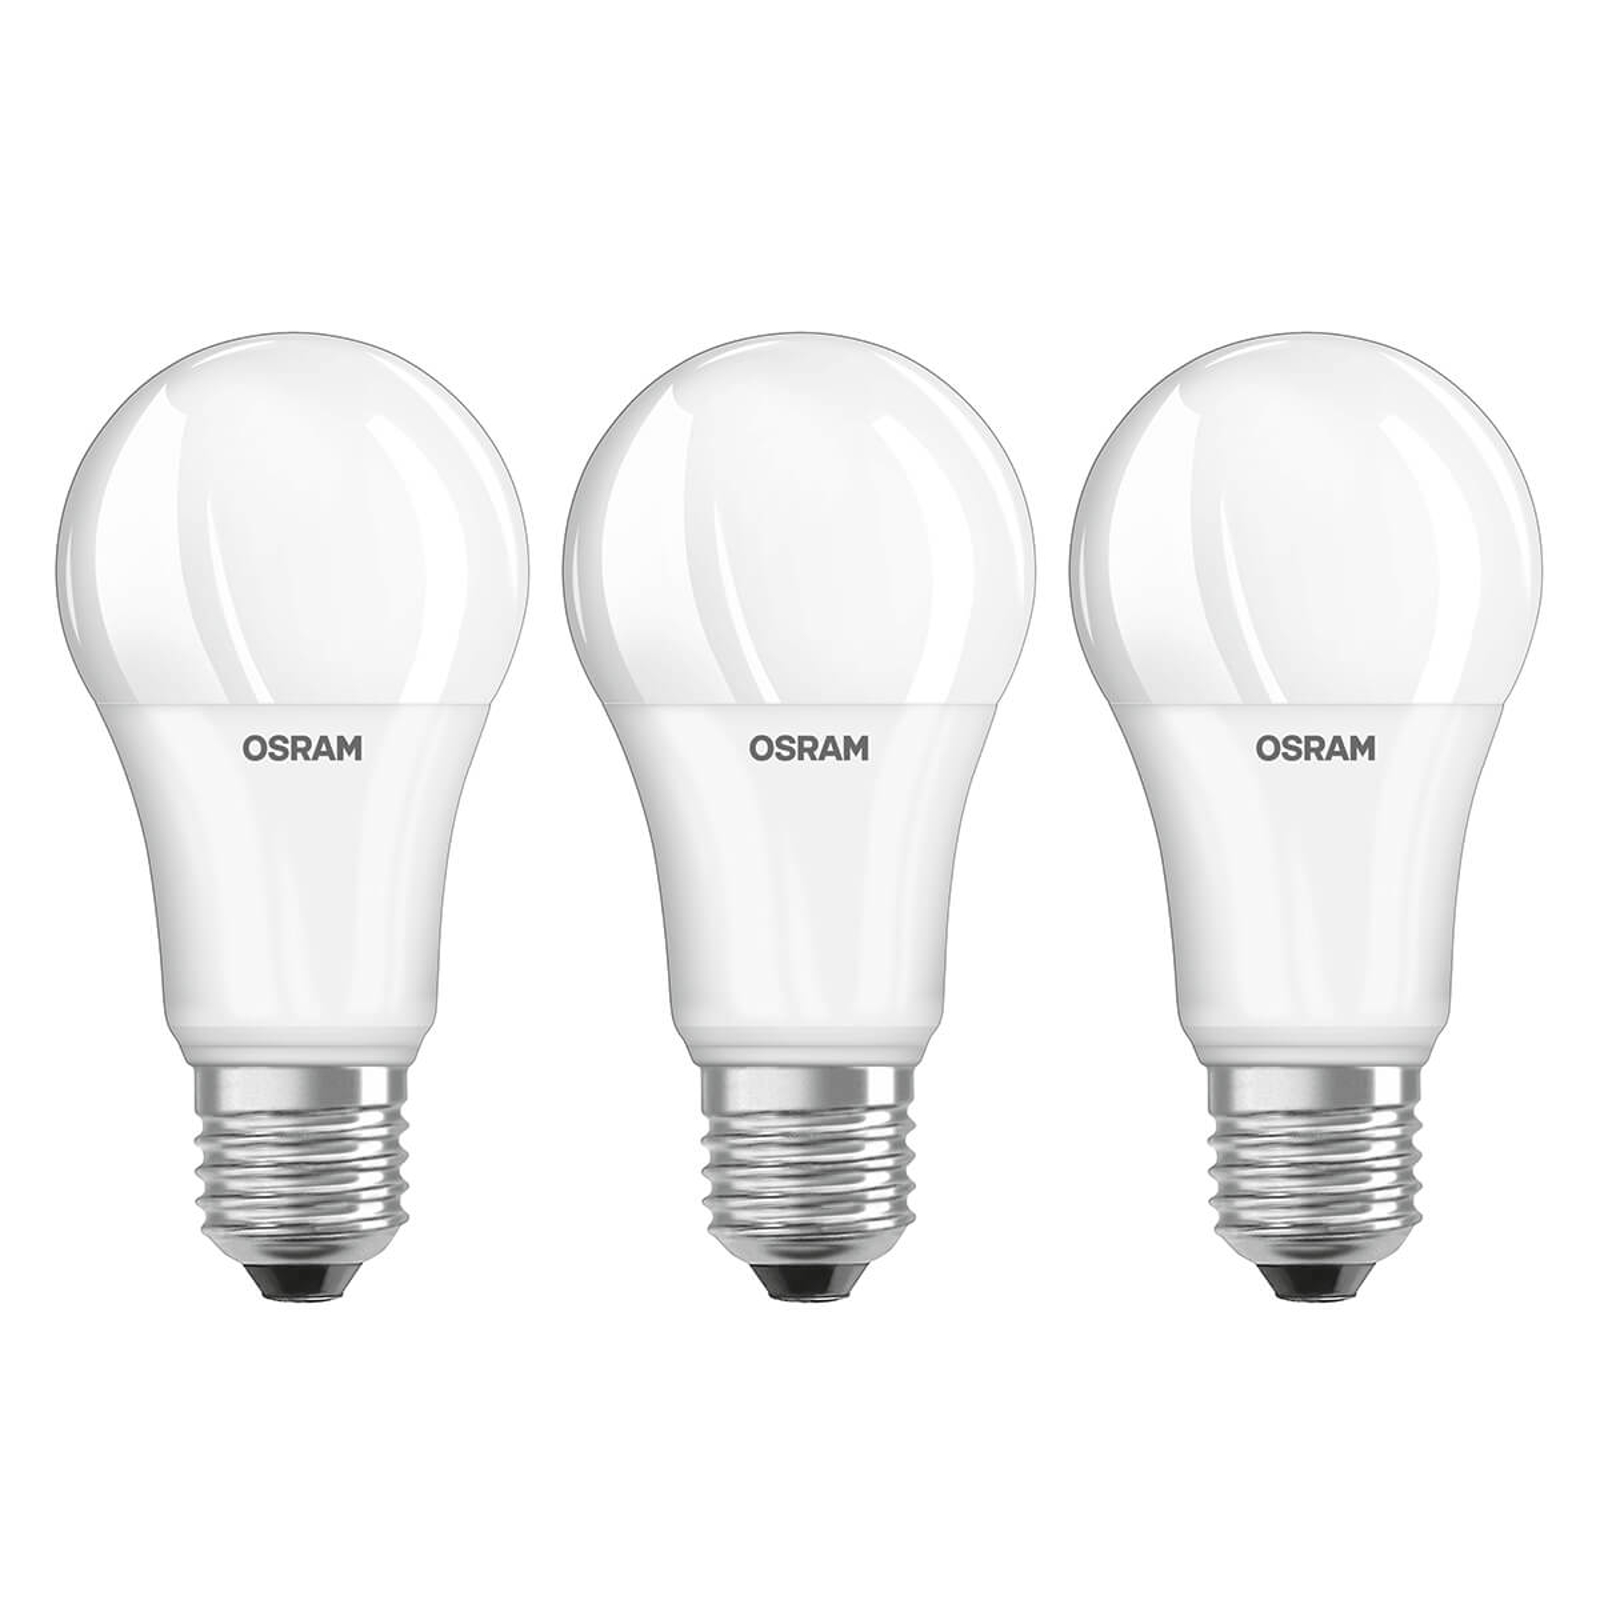 LED-pære E27 13W, universalhvid, 3'er sæt